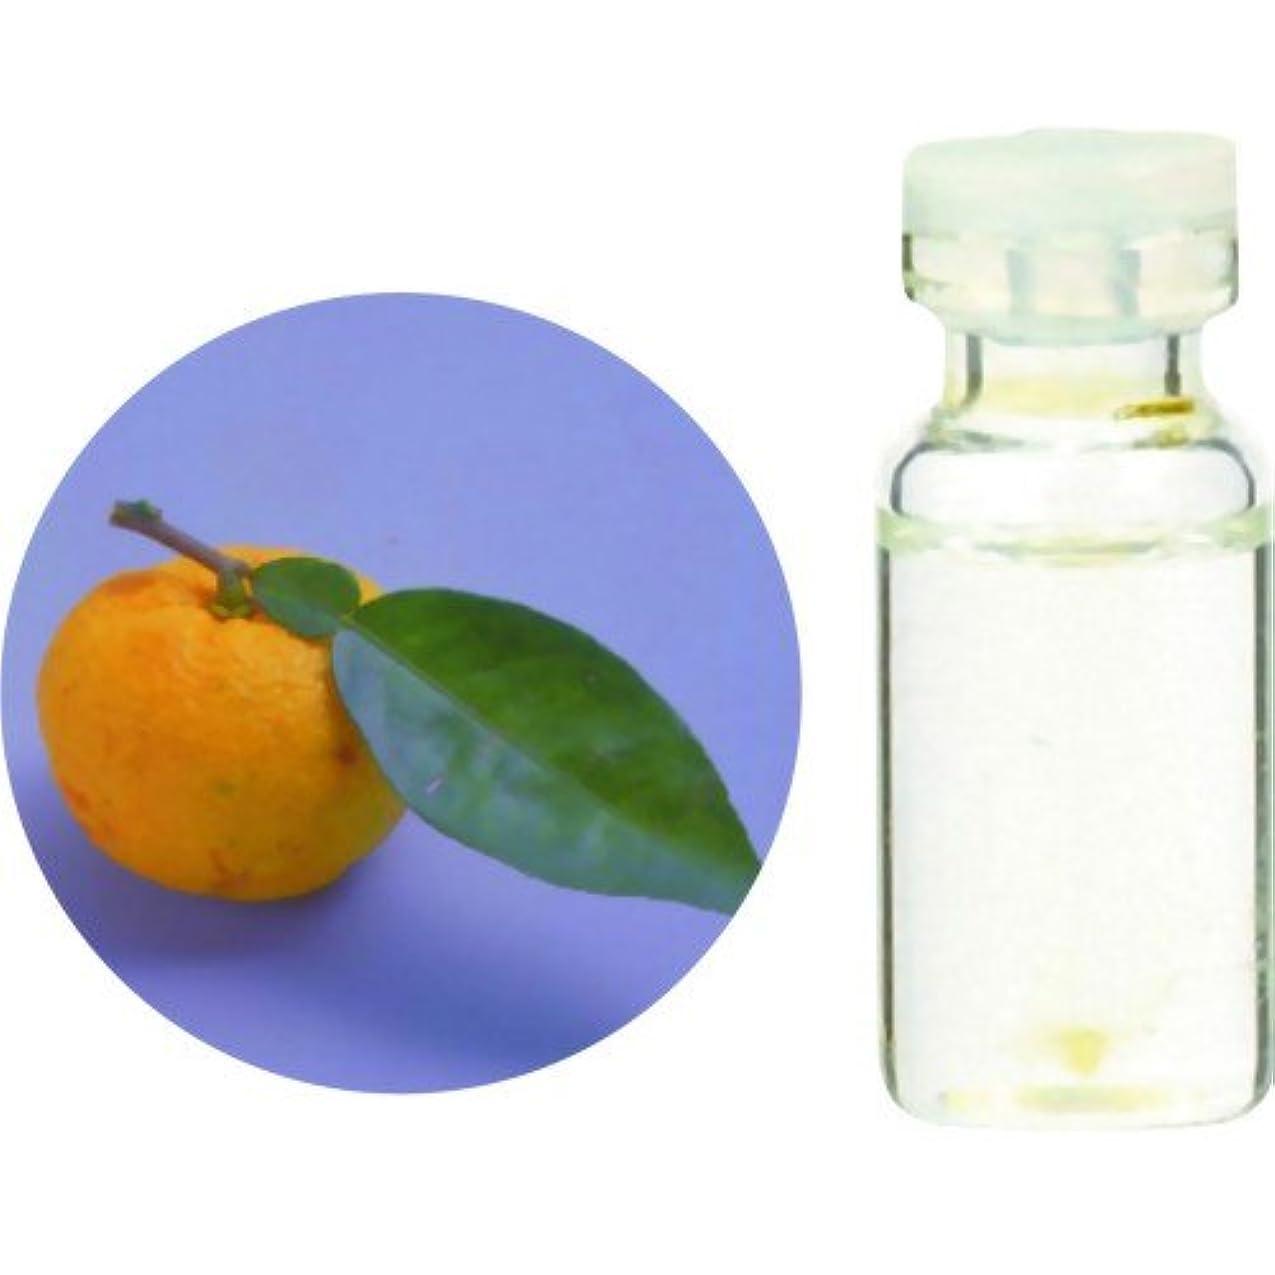 ドライ生まれラベ生活の木 Herbal Life 和精油 柚子(ゆず)(水蒸気蒸留法) 3ml